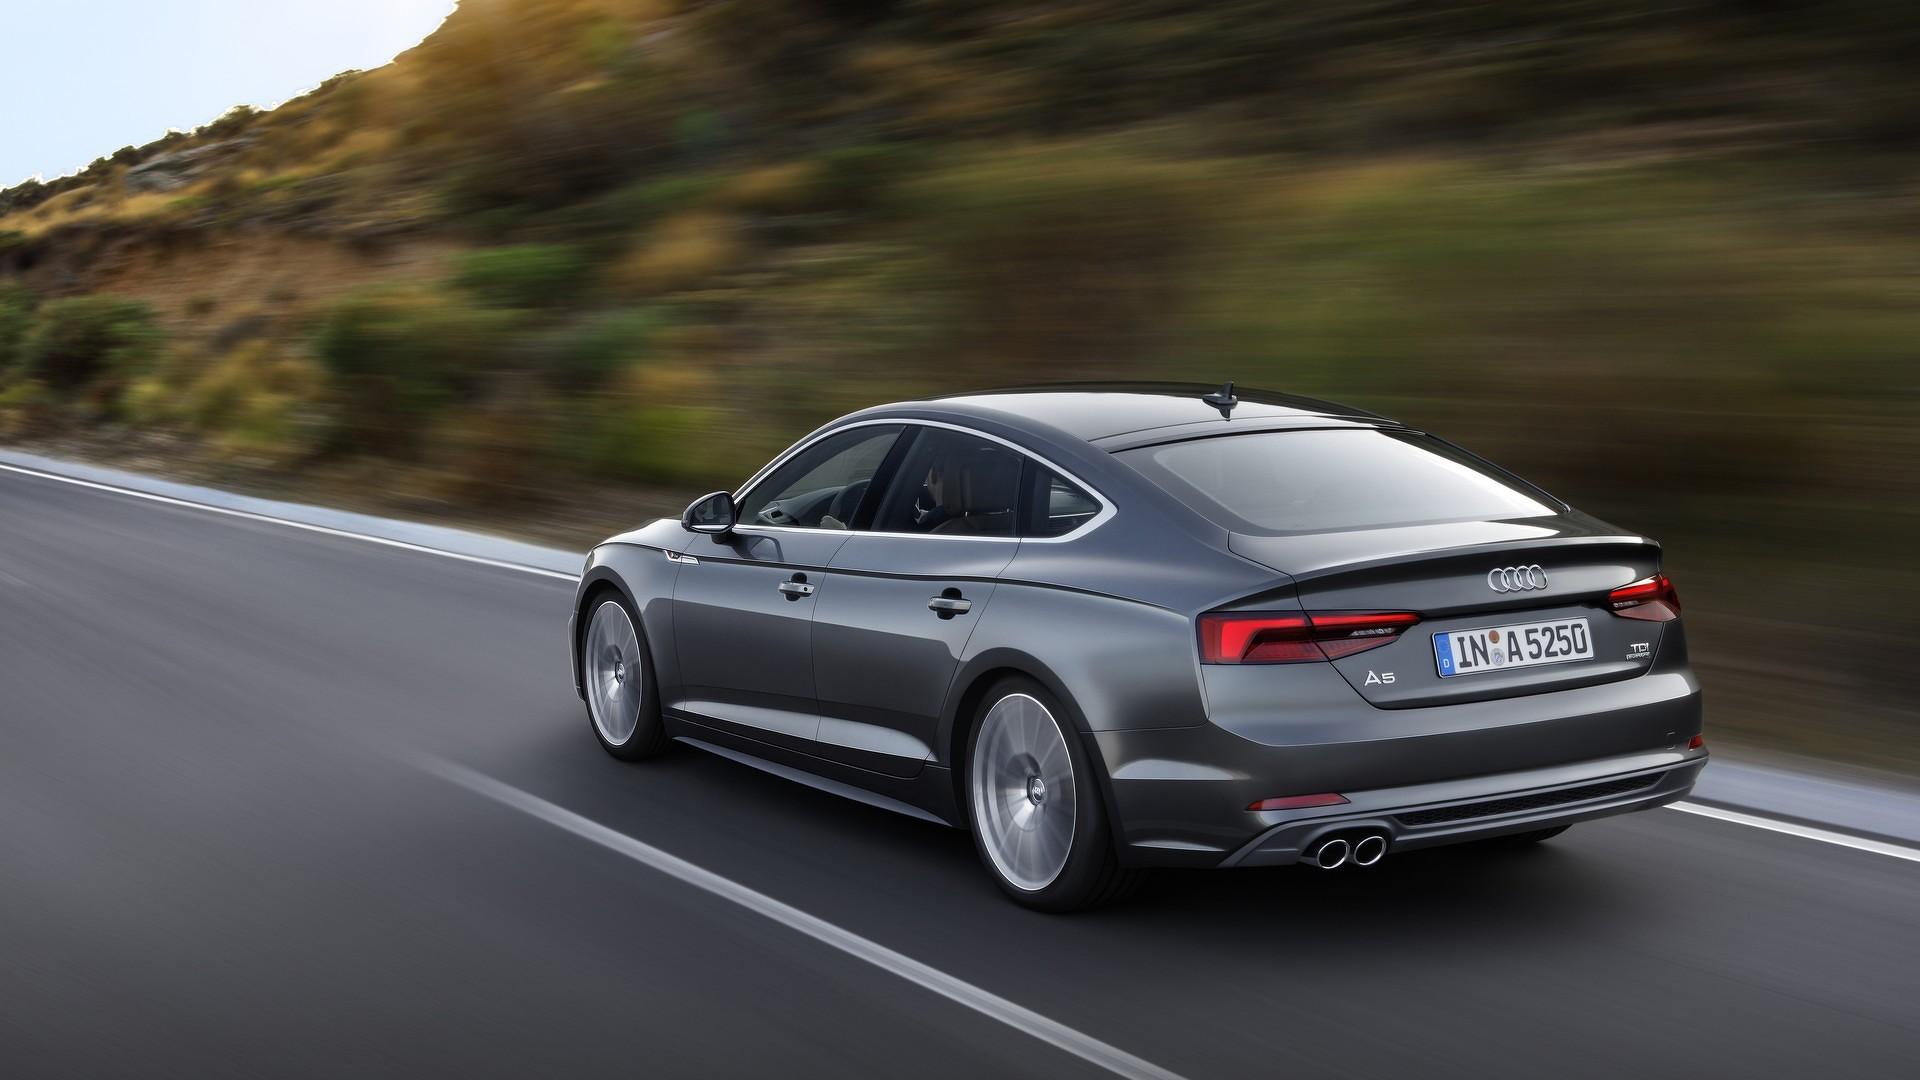 Audi A Page Conti Talk MyCarForumcom - Audi 5